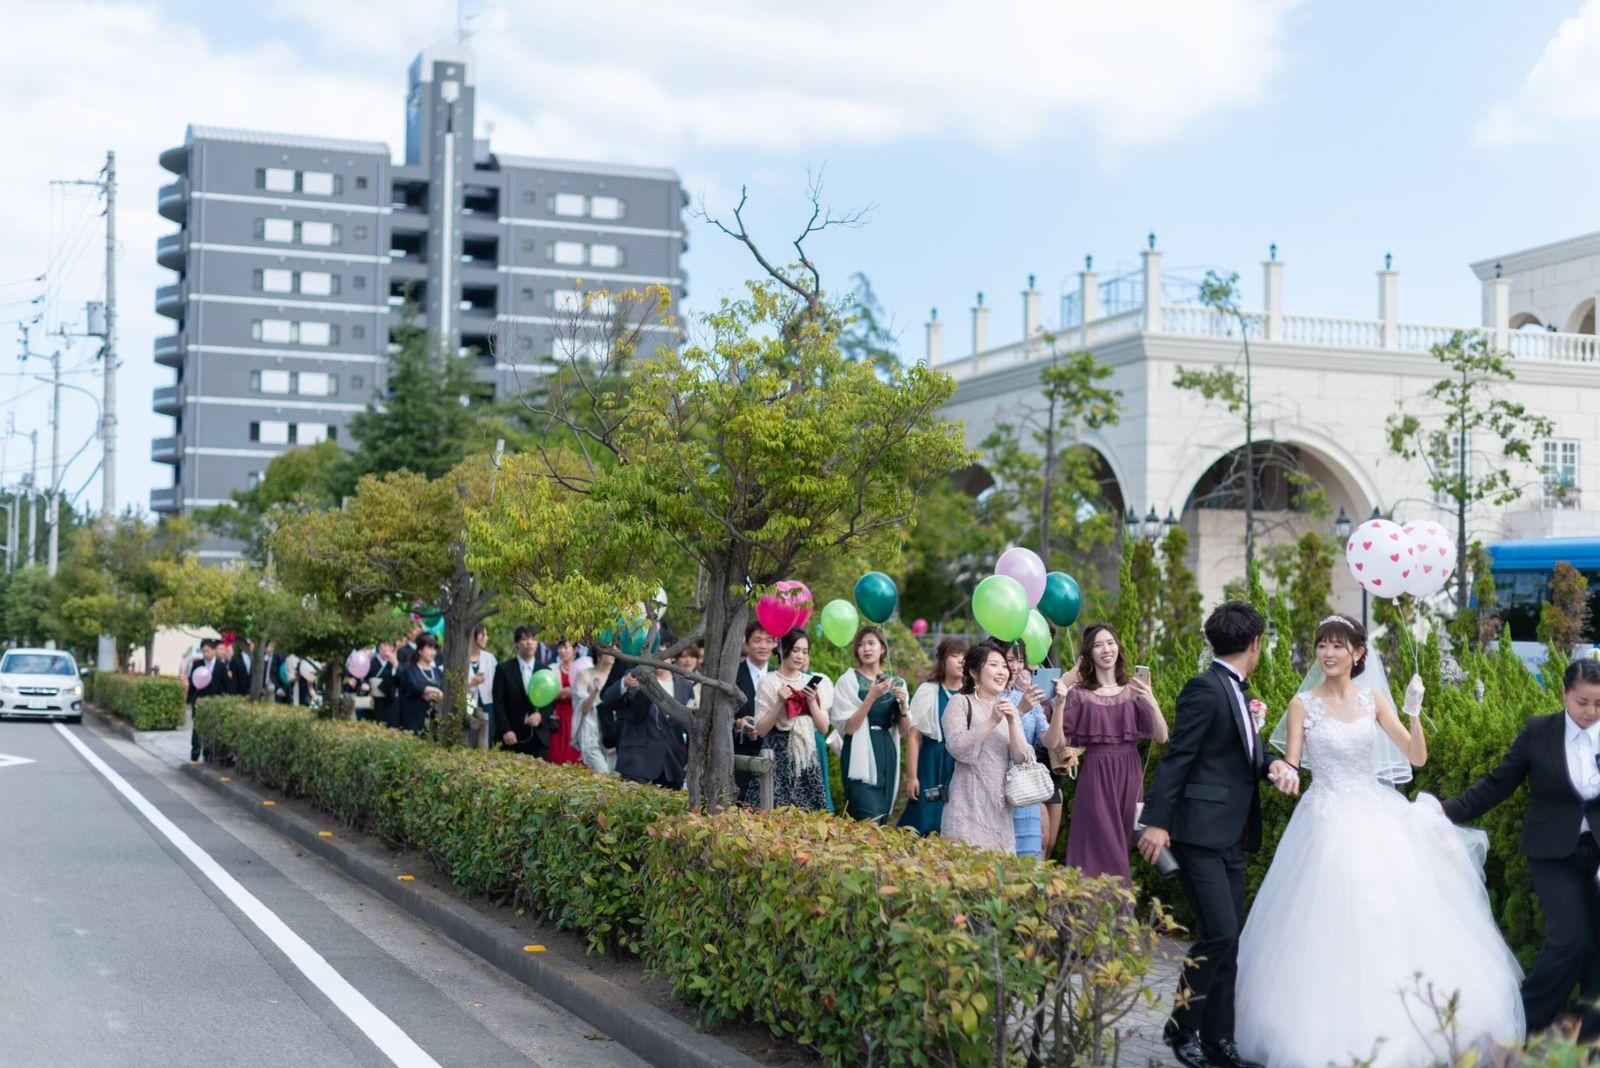 香川県の結婚式場シェルエメール&アイスタイル バルーンリリース行進